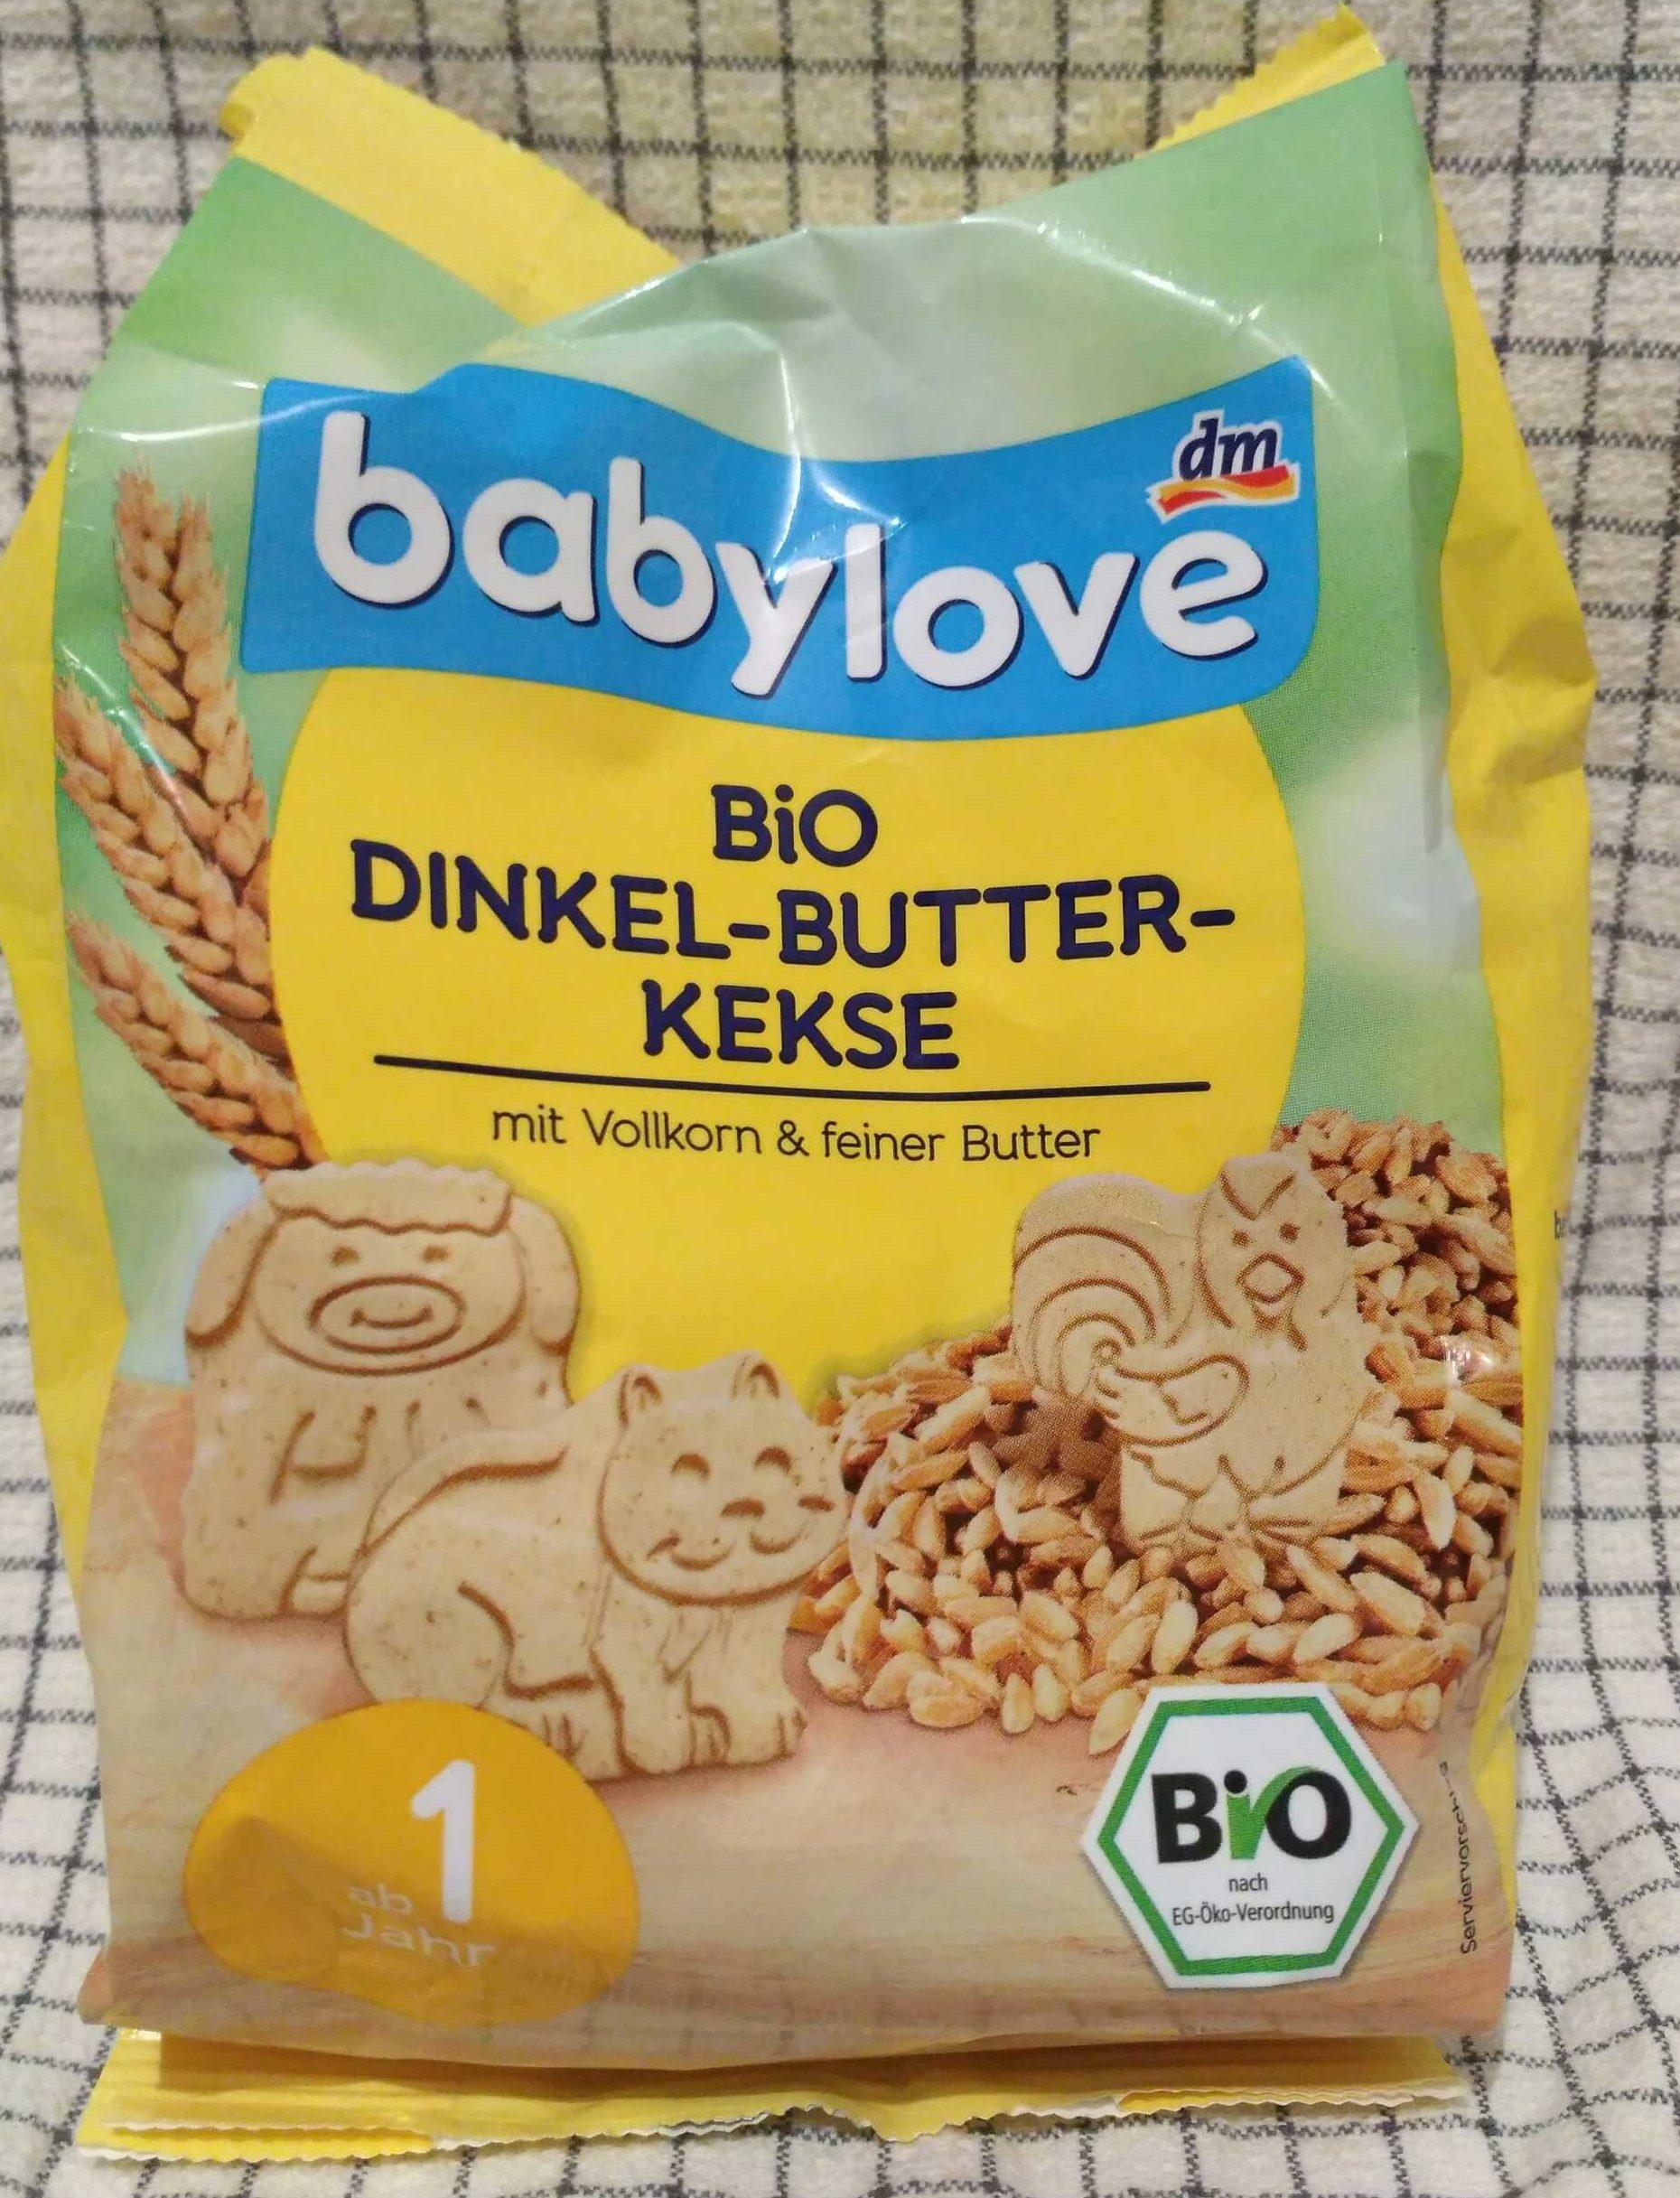 Bio Dinkel-Butter-Kekse - Product